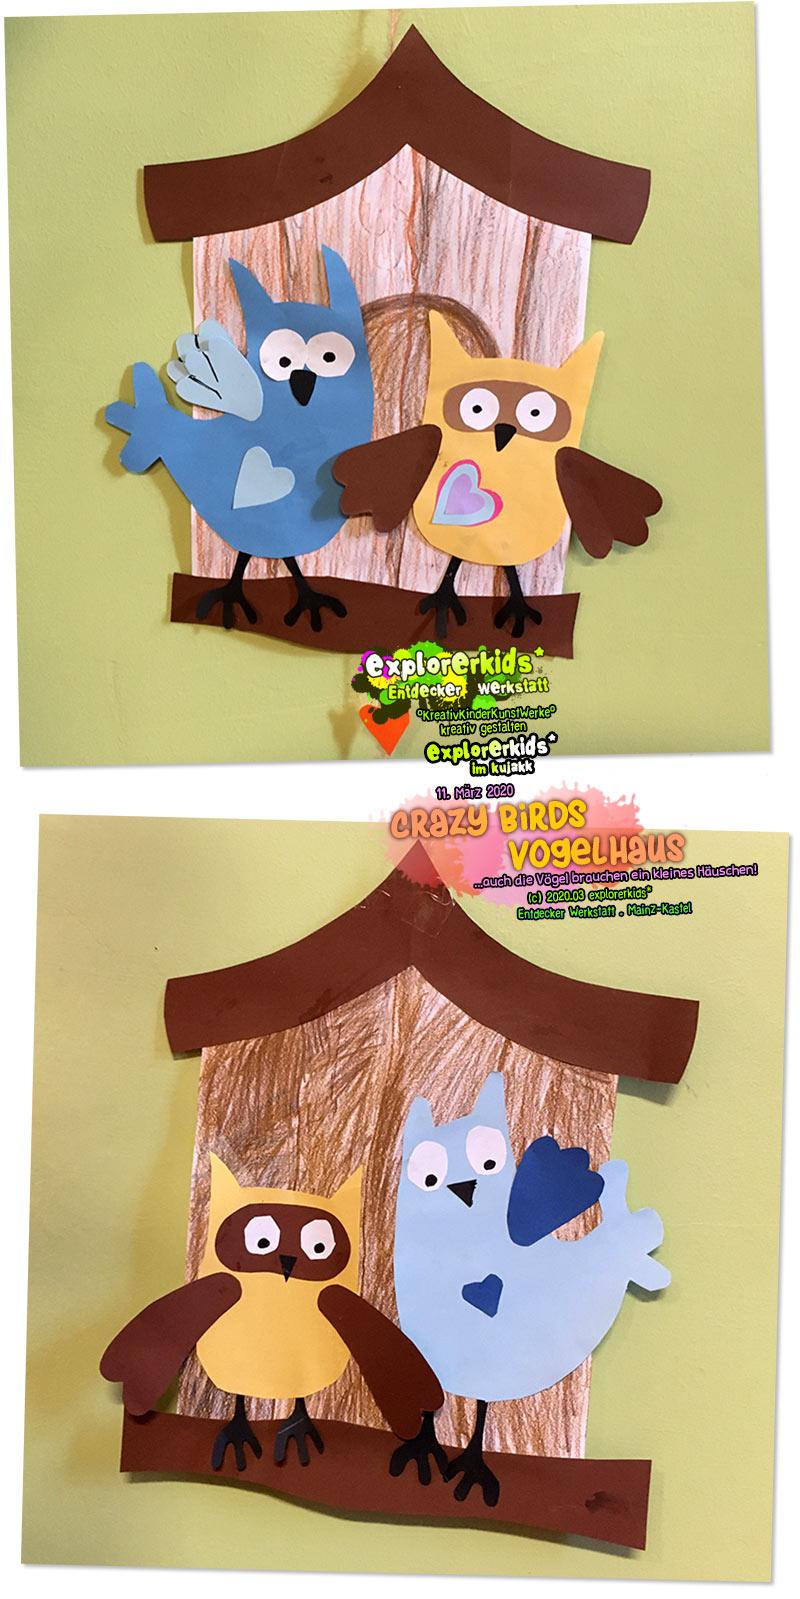 crazy birds . Vogelhaus . ...auch die Vögel brauchen ein kleines Häuschen! . 11. März 2020 . explorerkids* . Entdecker Werkstatt im kujakk . Kinder- und Jugendzentrum in der Reduit . Mainz-Kastel